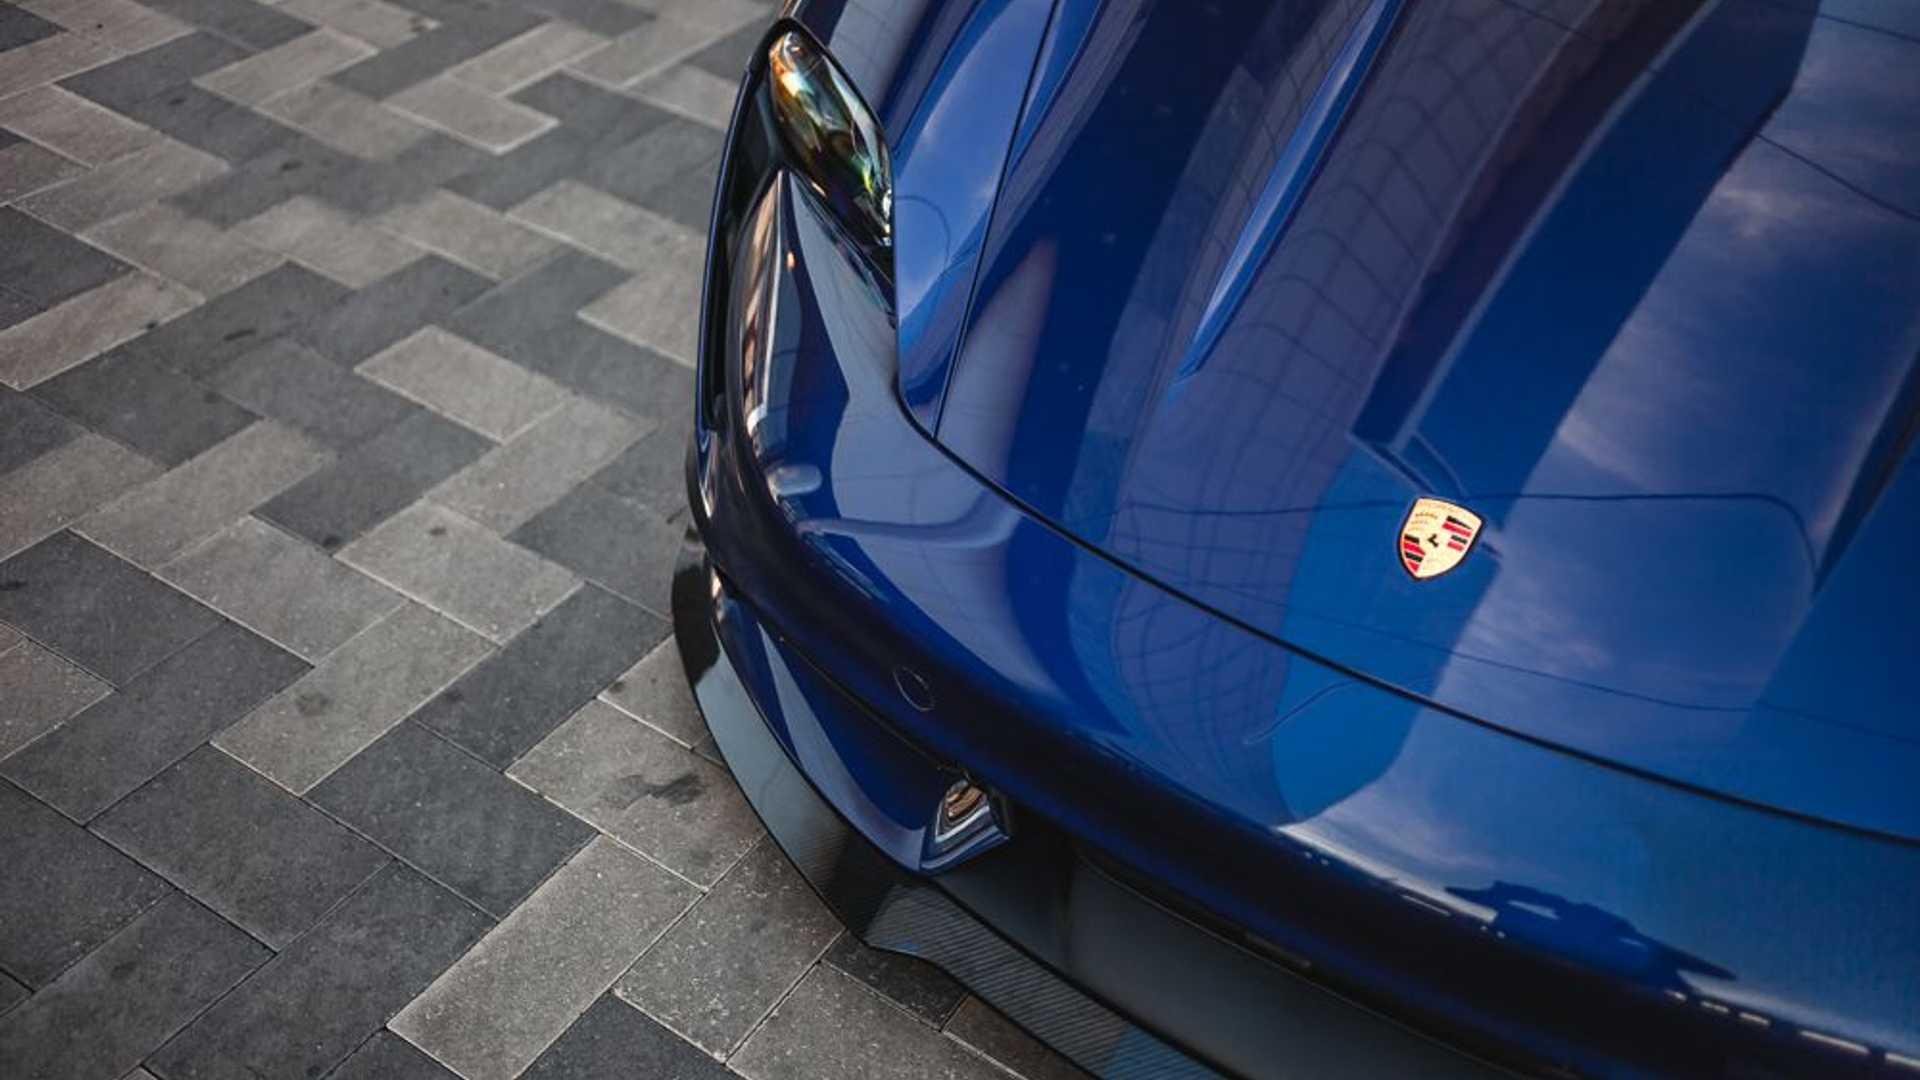 Porsche-Taycan-by-Vivid-Racing-39